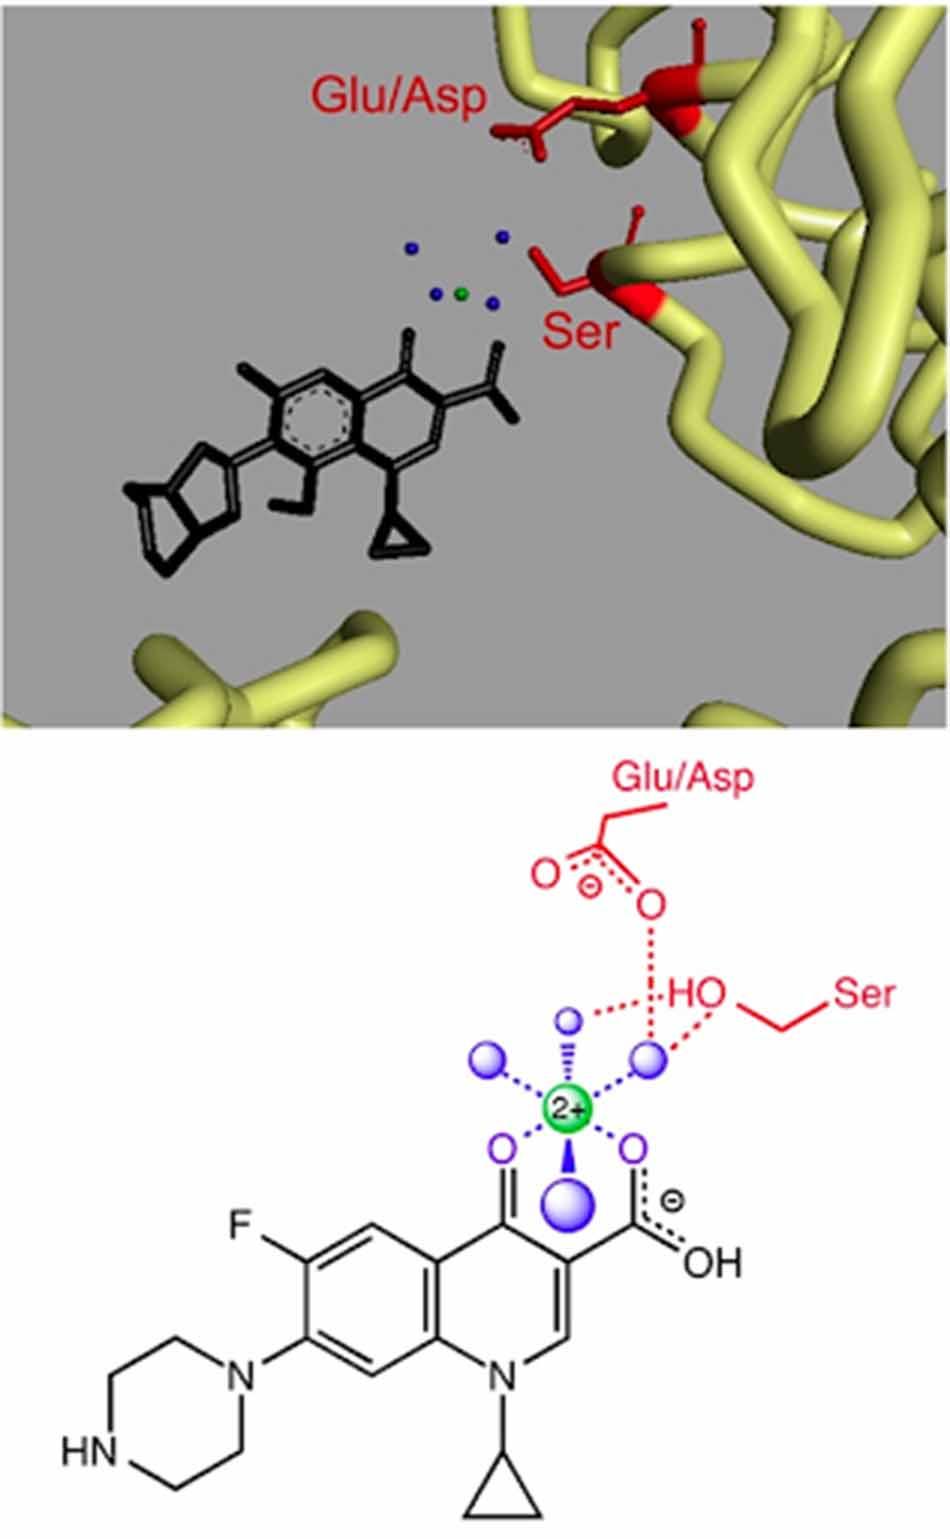 Ảnh. Phân tử Moxifloxacin (màu đen) tương tác với DNA topoisomerase IV của vi khuẩn A.baumannii thông qua tạo phức chelate với ion Mg2+ (màu xanh lá cây), ion này liên kết phối trí với 4 phân tử nước H2O (màu xanh dương) (Ở hình dưới, Moxifloxacin được thay thế bằng Ciprofloxacin). Phần màu đỏ là các phần của enzyme tương tác trực tiếp (Ser84 và Glu88 với A.baumannii).